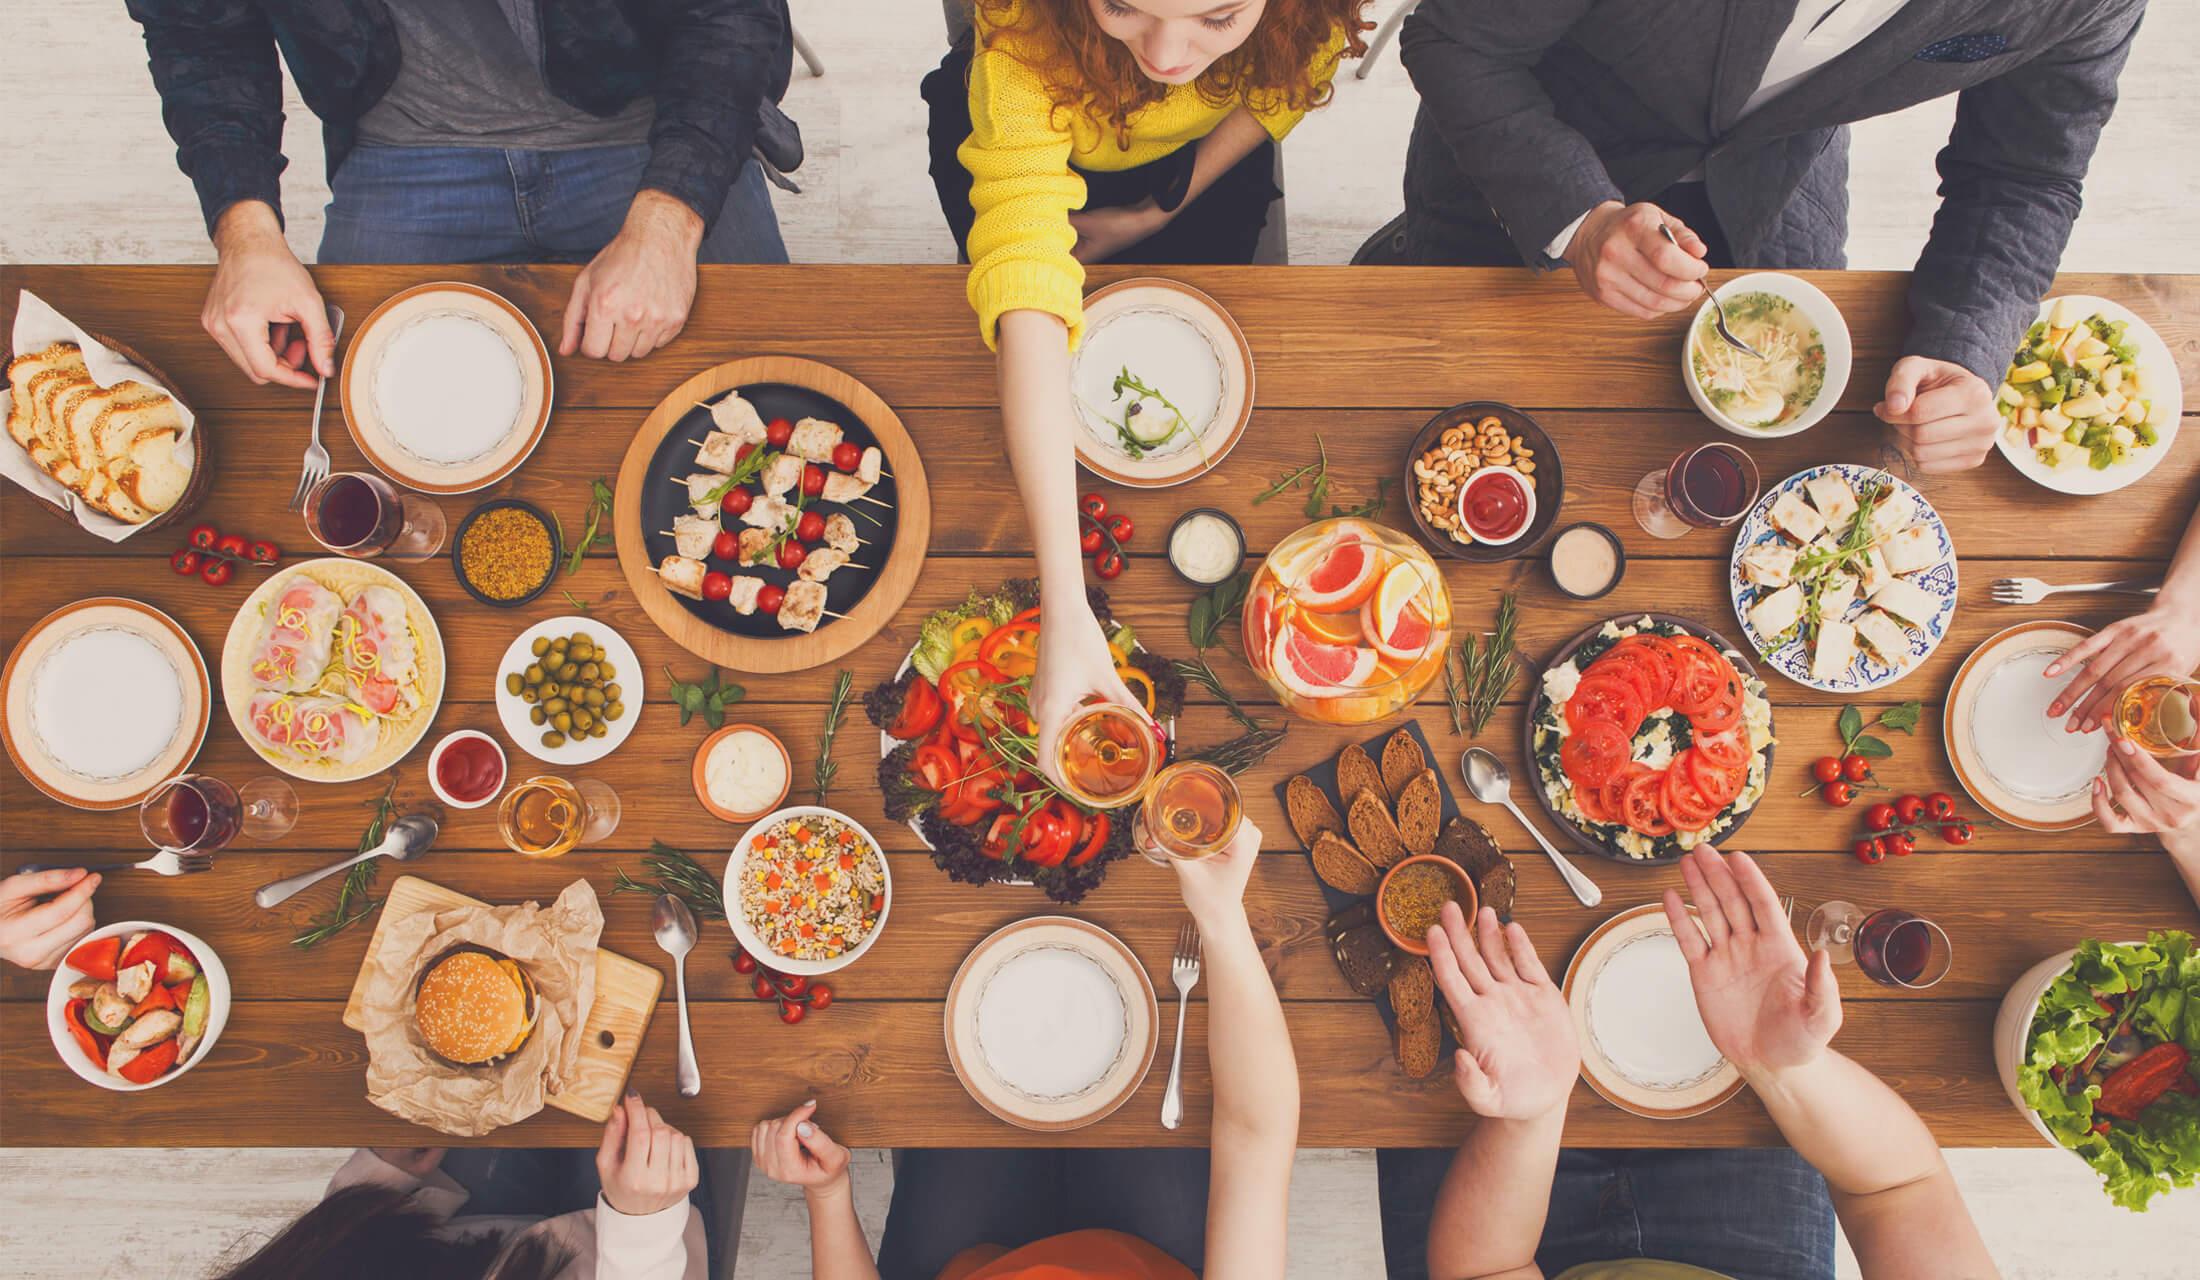 料理やドリンクが並んだ長テーブルを6人の男女が囲み、中央の女性2人が机を挟んで乾杯している